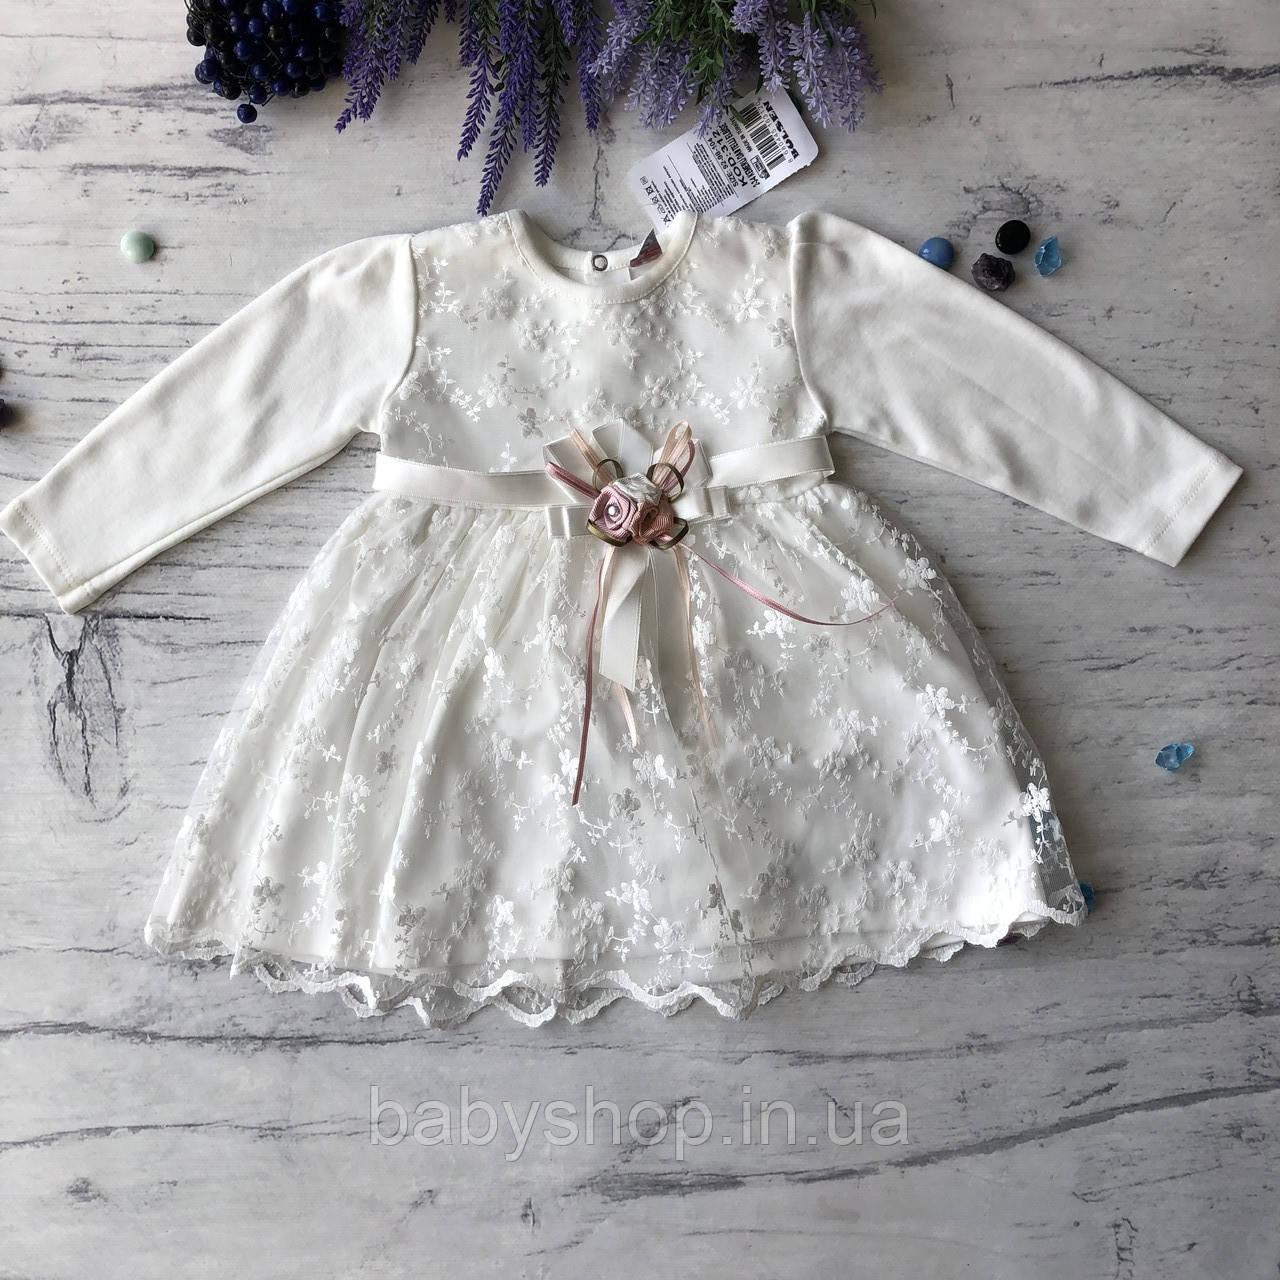 Нарядное белое платье на девочку 271. Размер 92 см, 98 см, 104 см